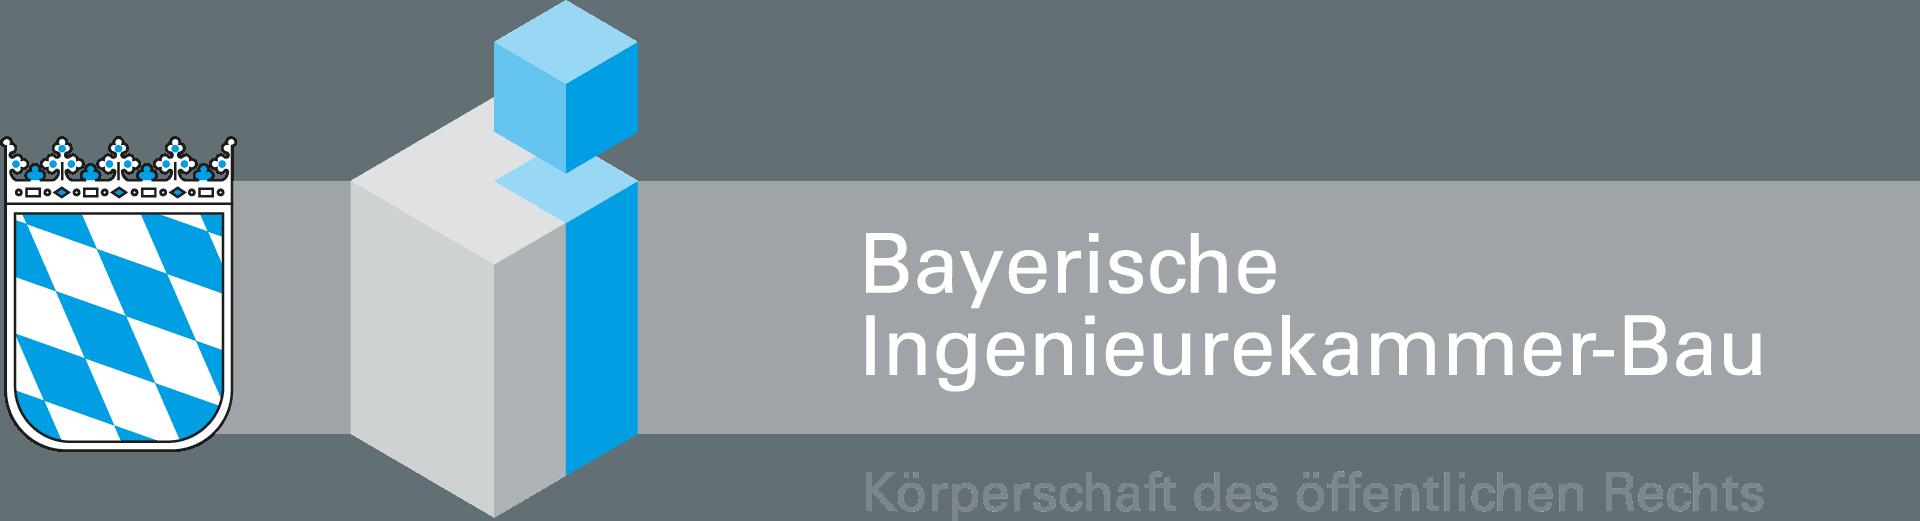 bayerische ingenieuerkammer-Bau